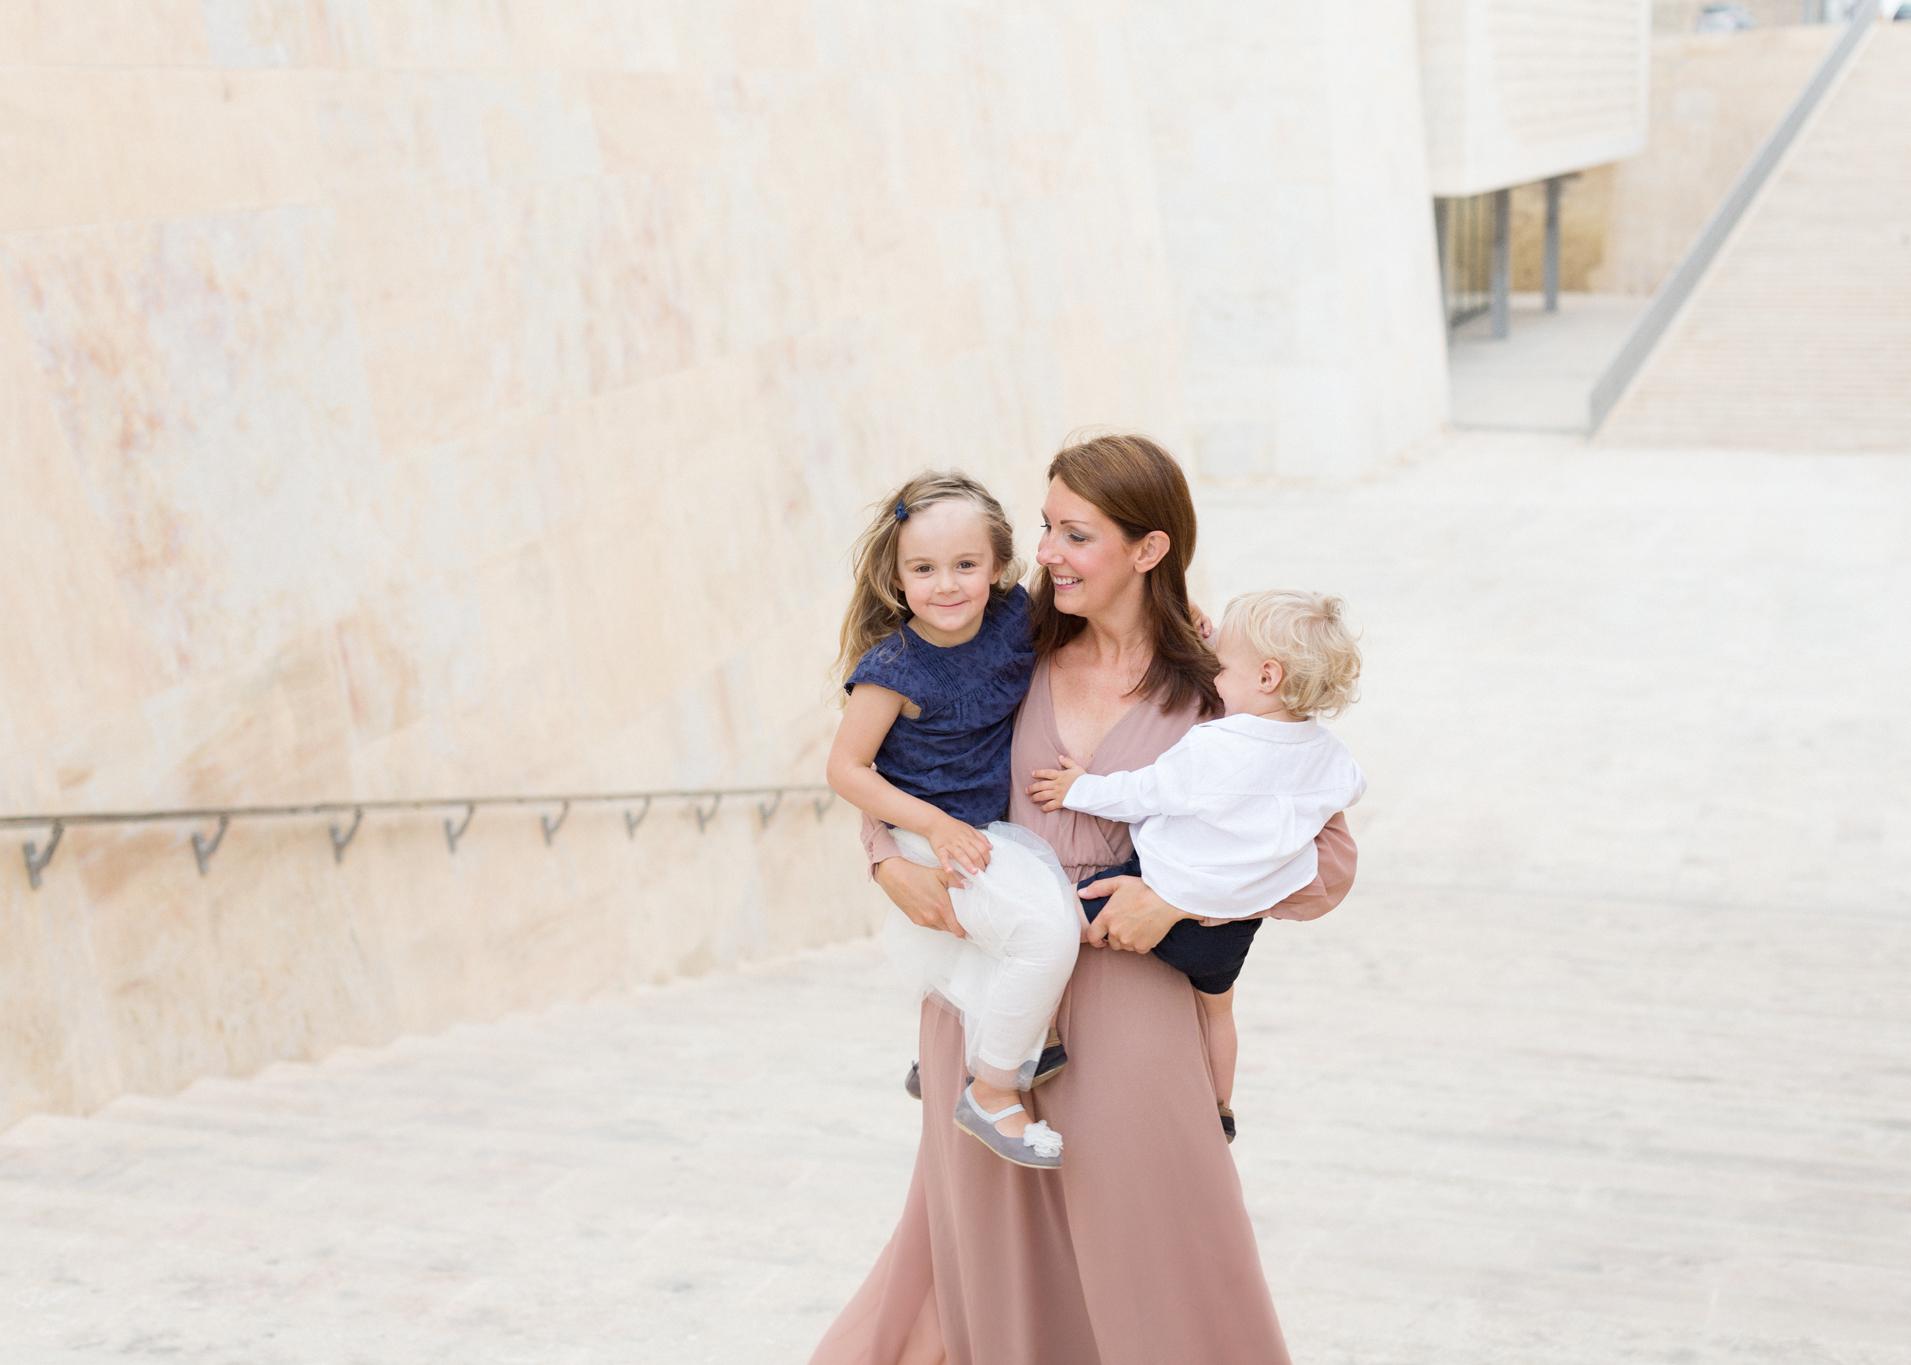 family photography malta